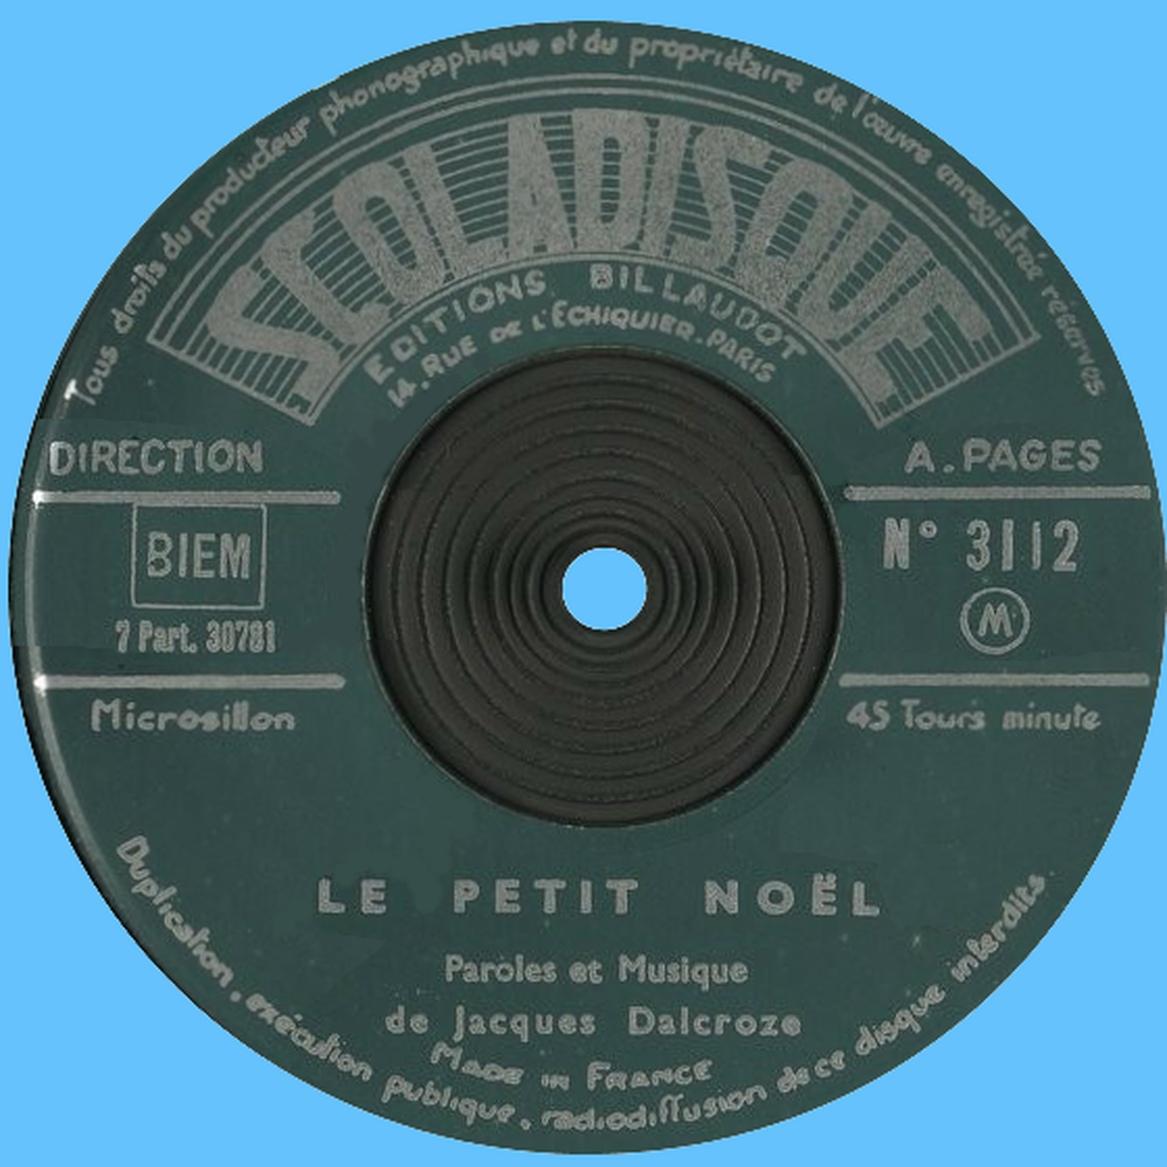 Étiquette recto du disque Scoladisque No 3112